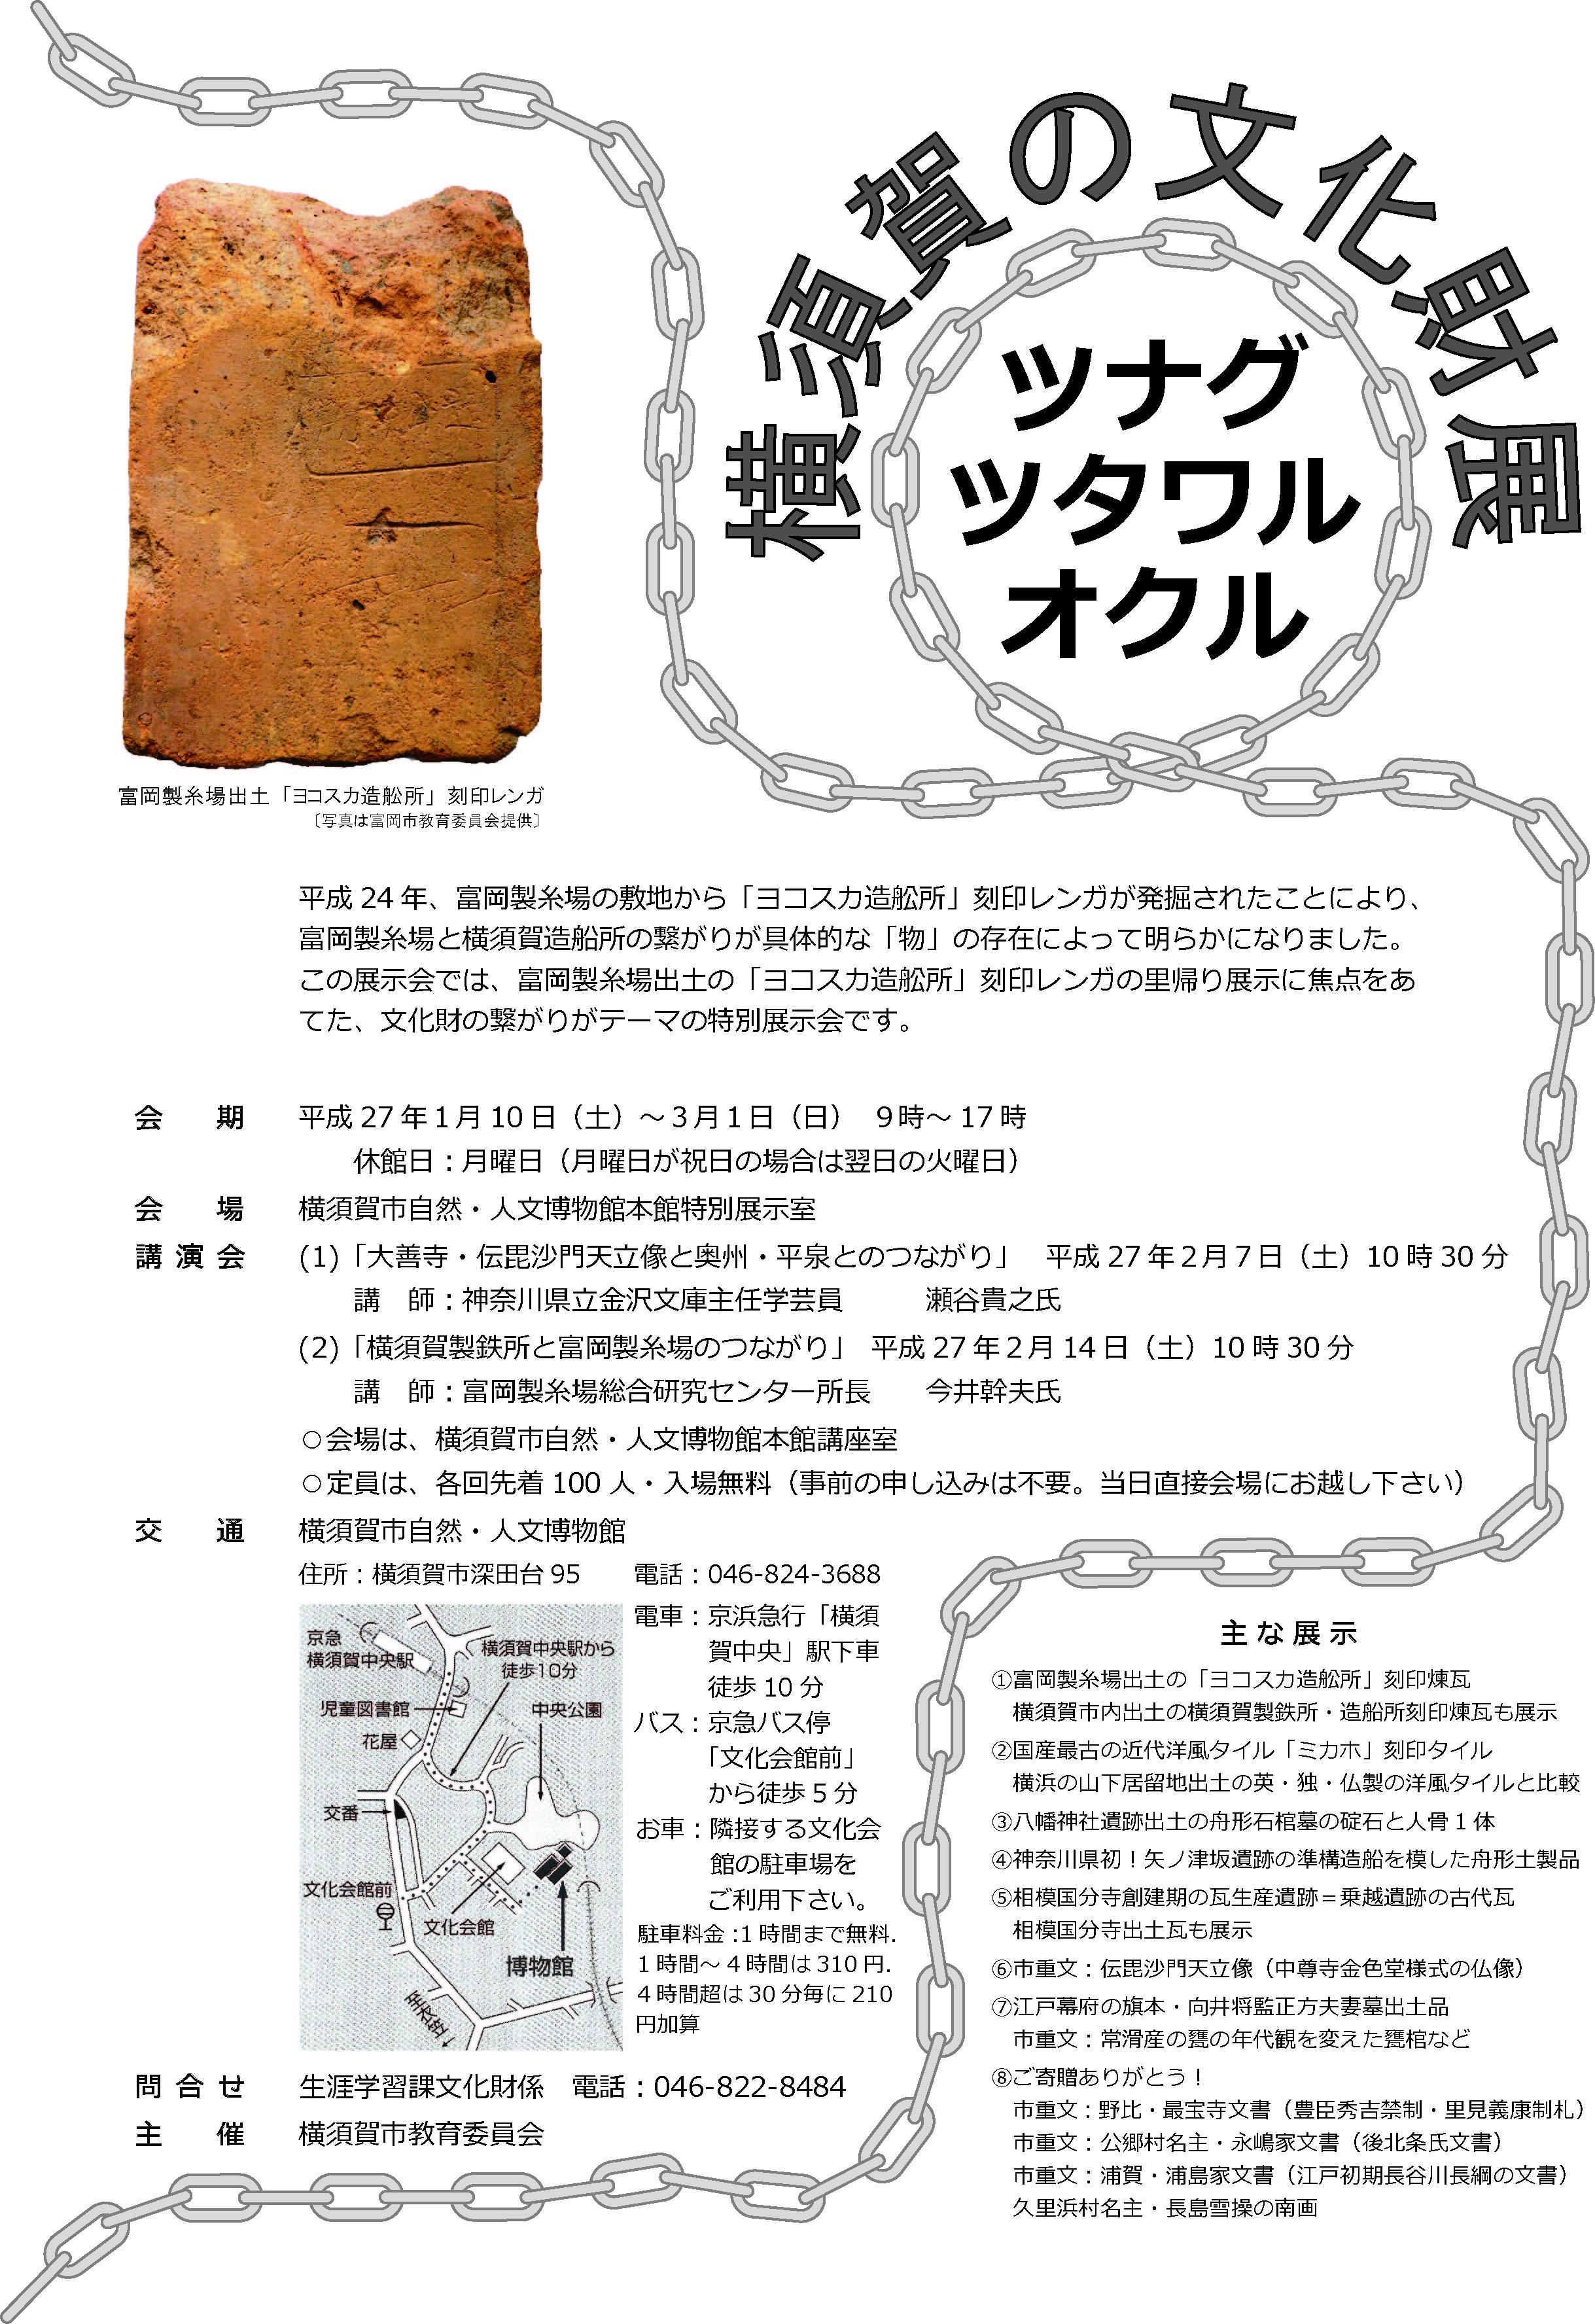 横須賀の文化財展 「ツナグ ツタワル オクル」